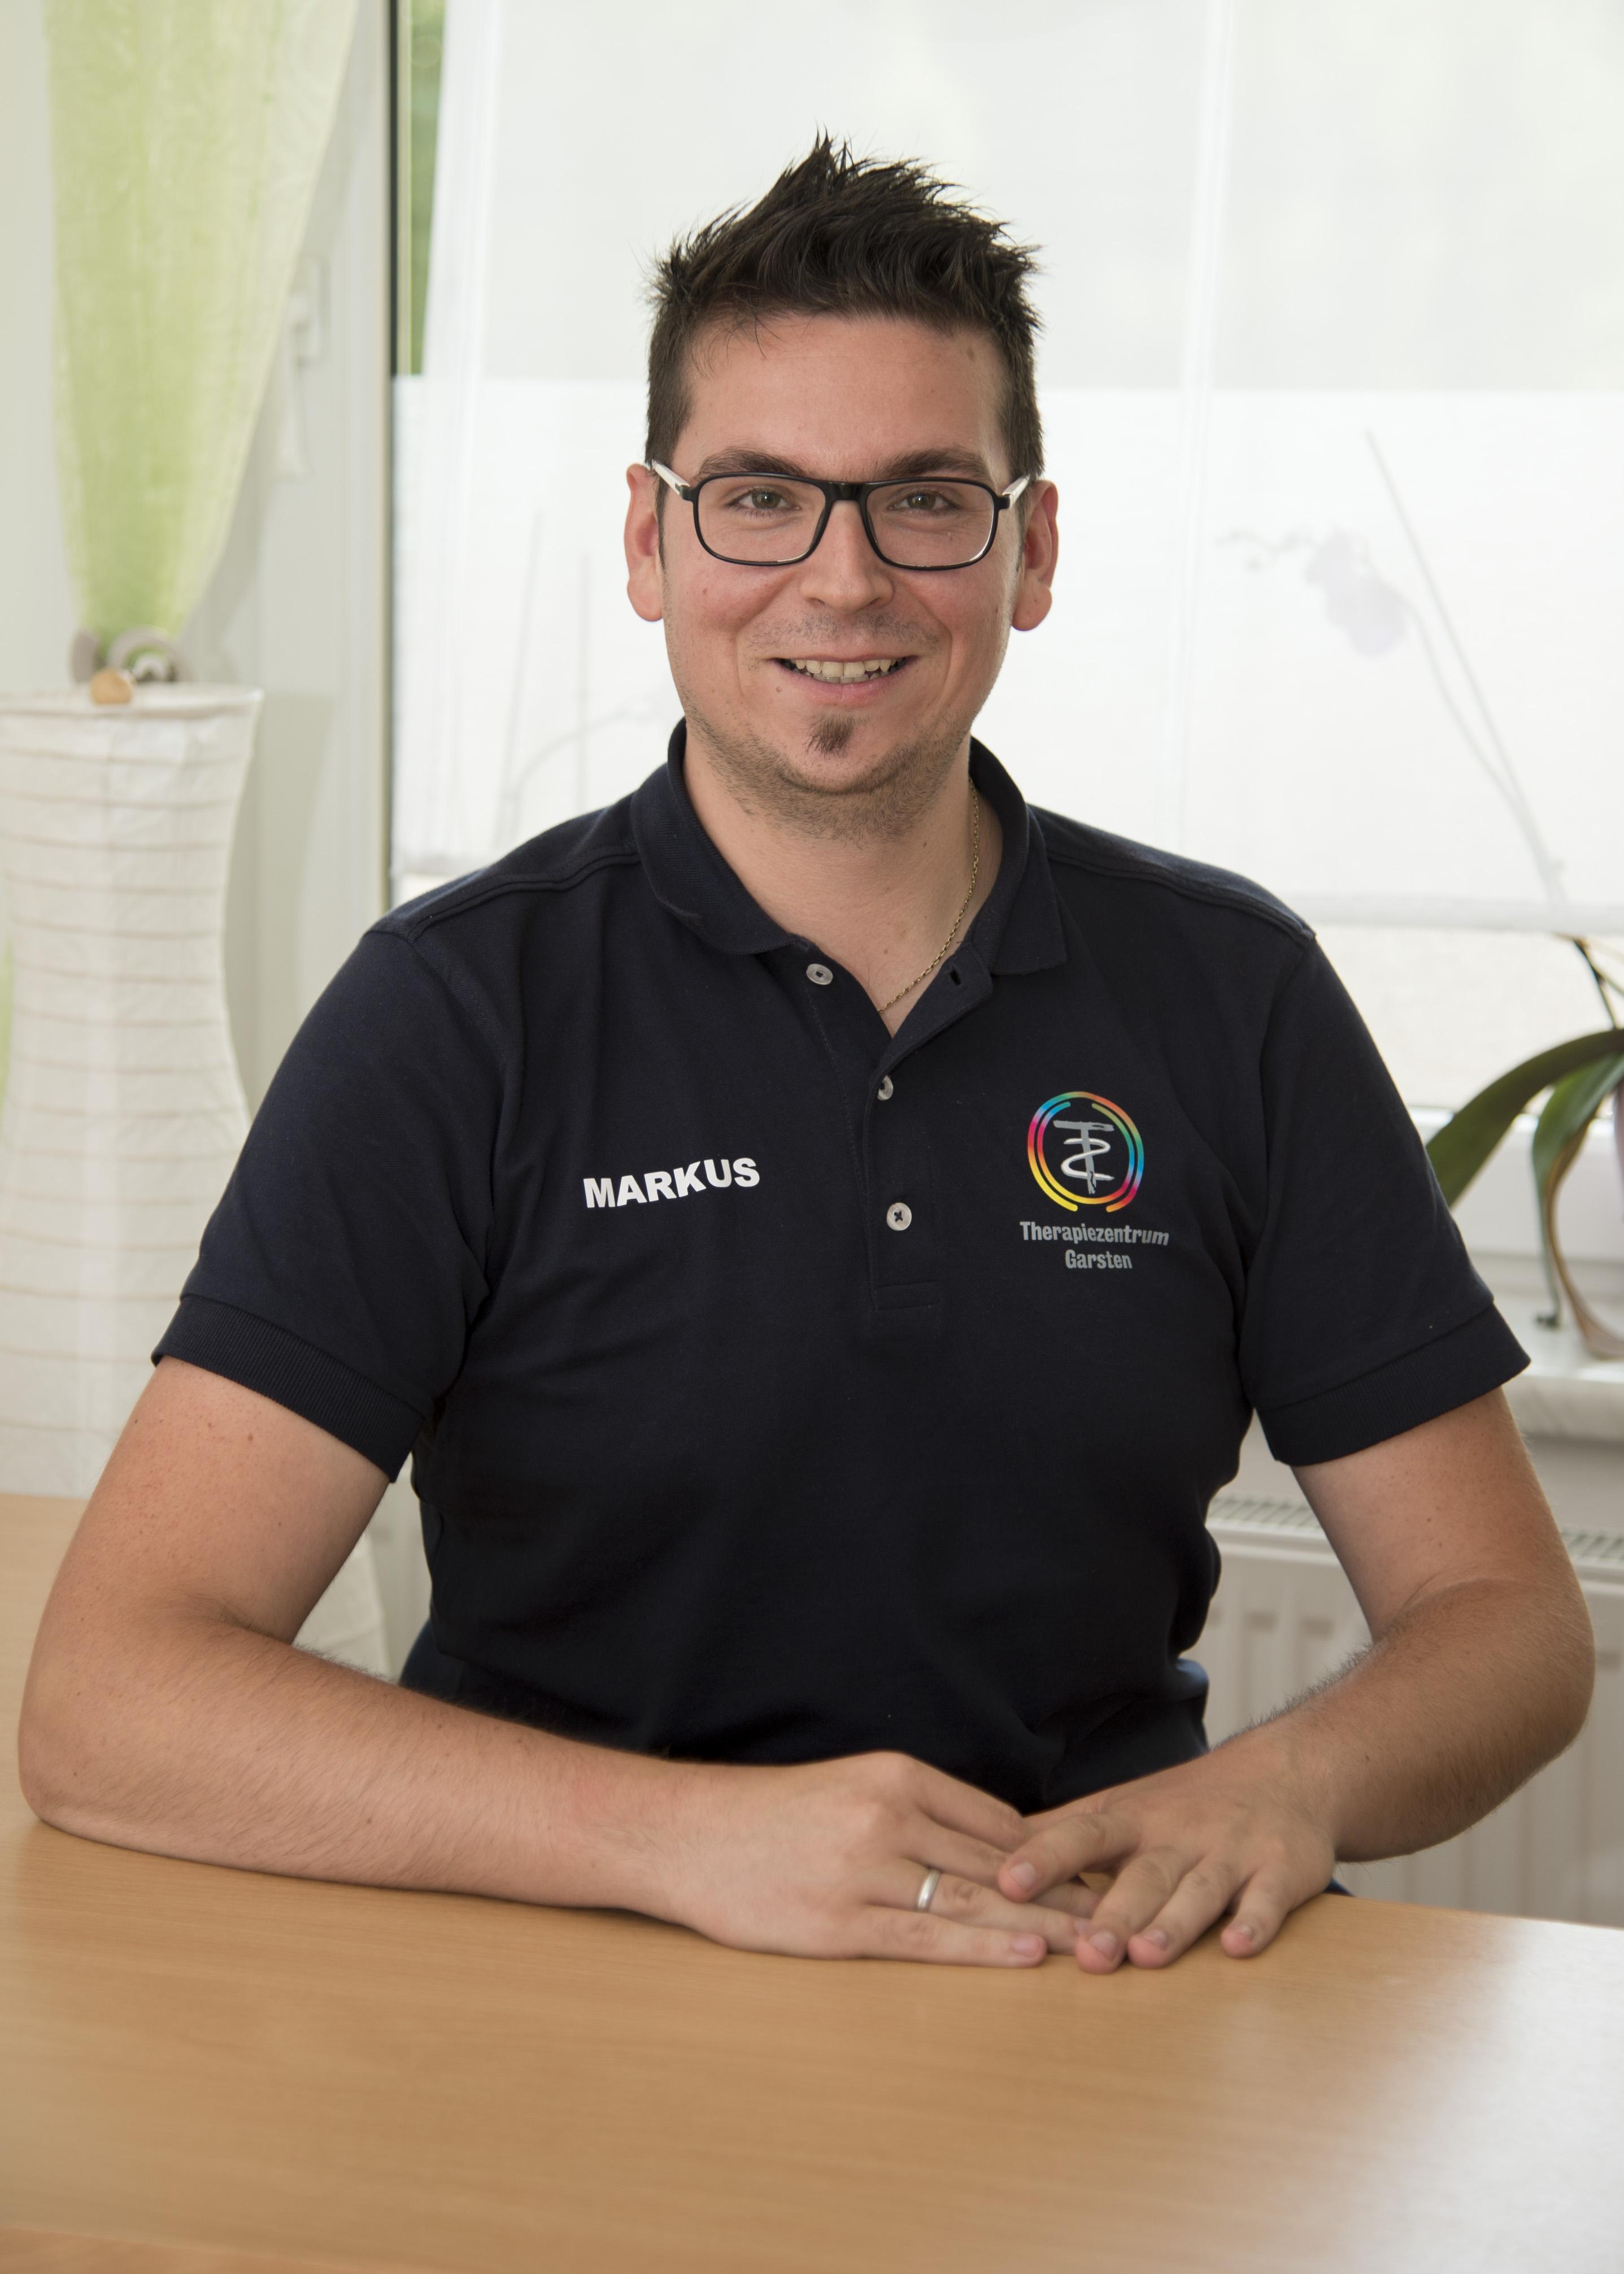 Markus Jungherr